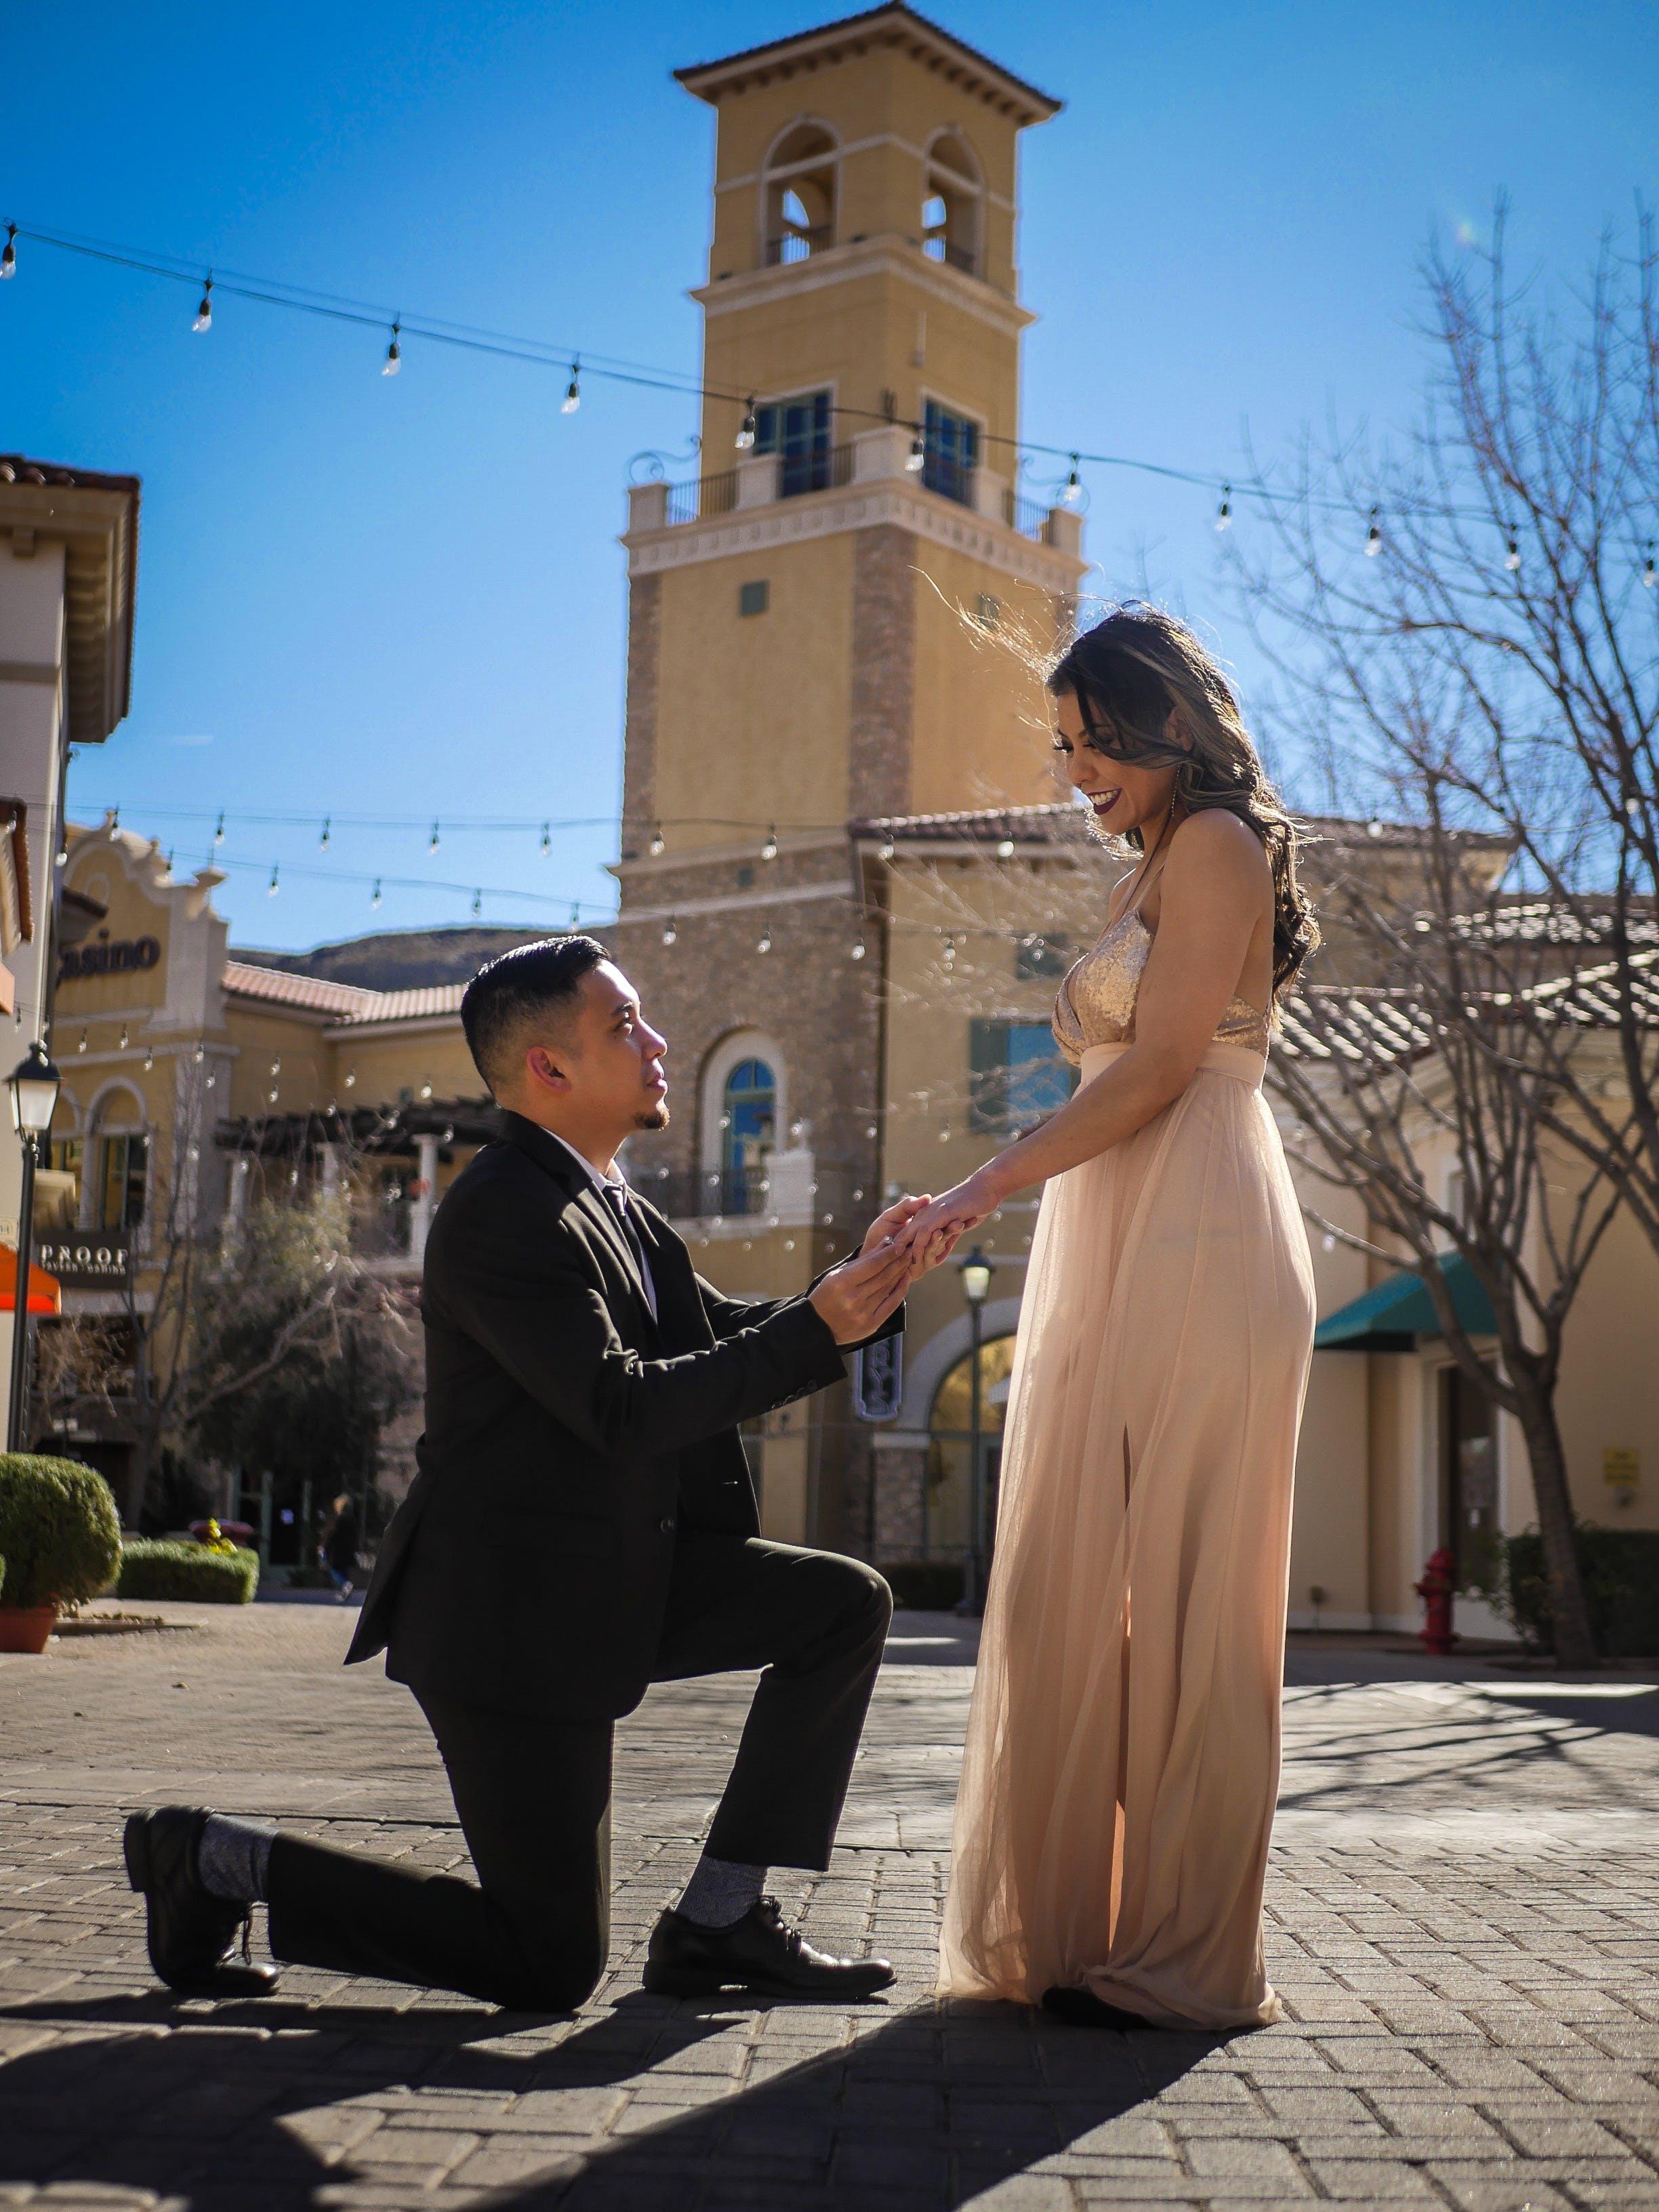 결혼 프로포즈, 낭만적인, 사랑, 아름다운의 무료 스톡 사진